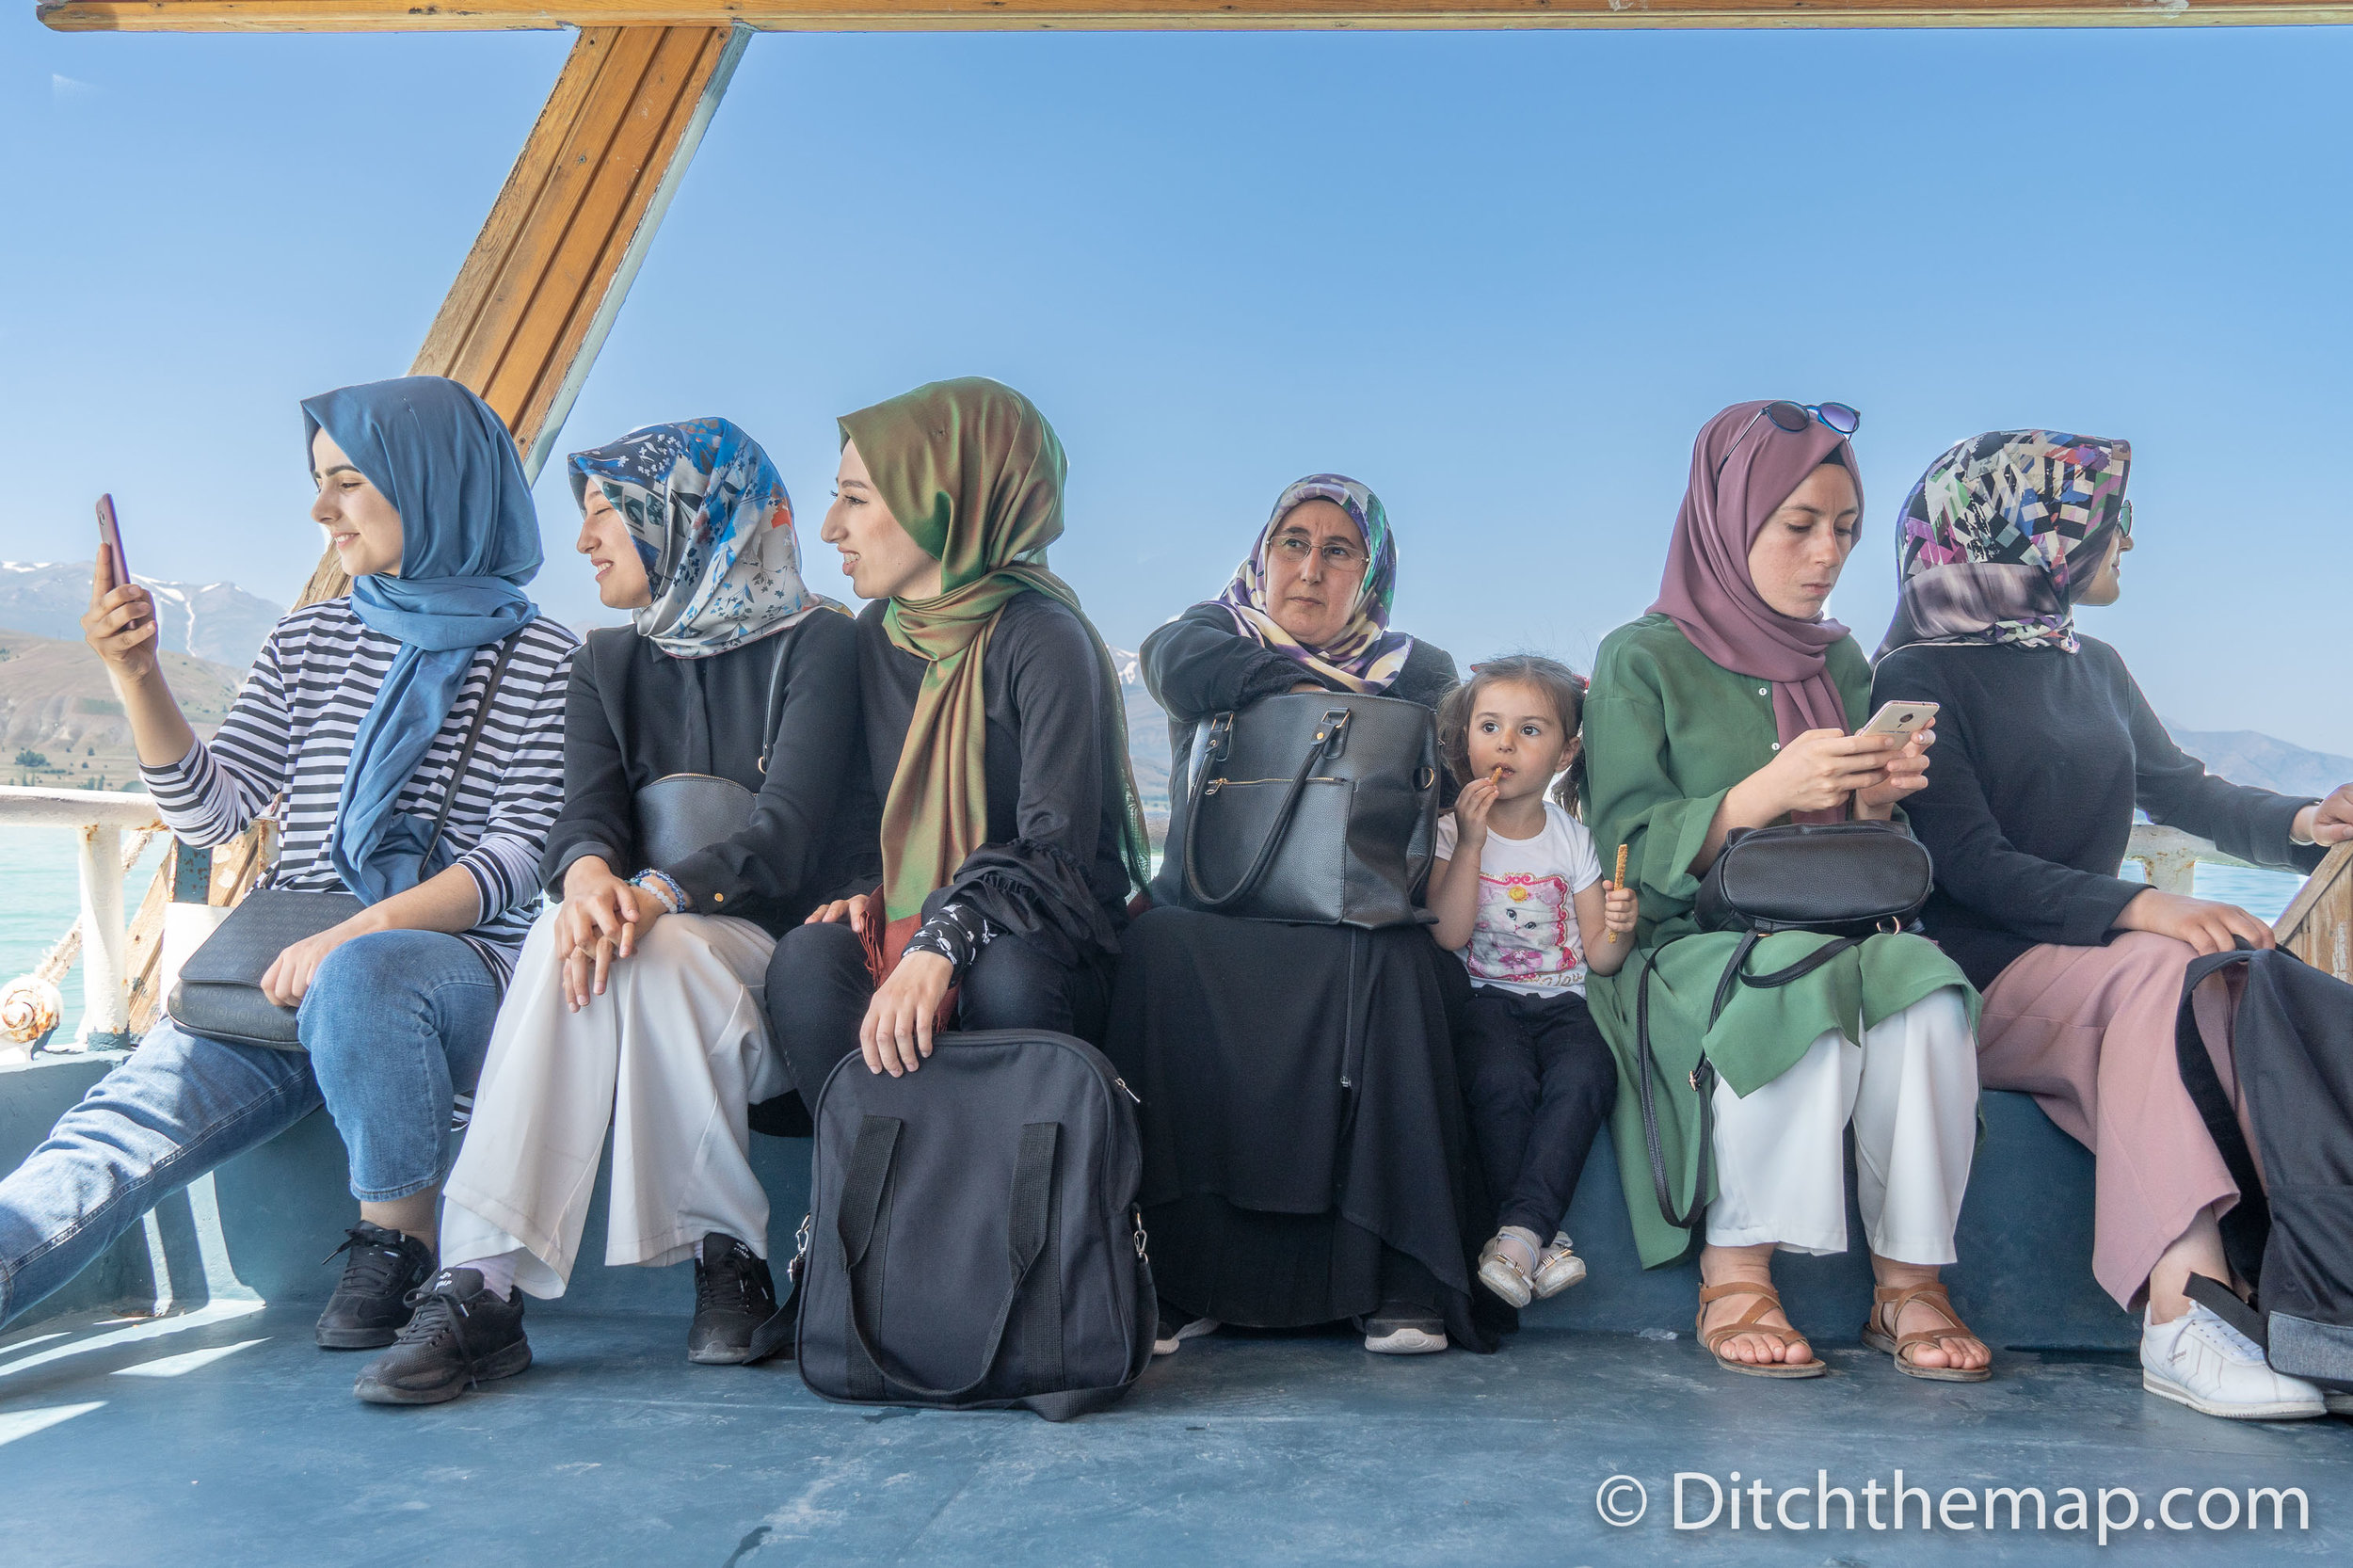 Women Waiting on Ferry to Akdamar Island